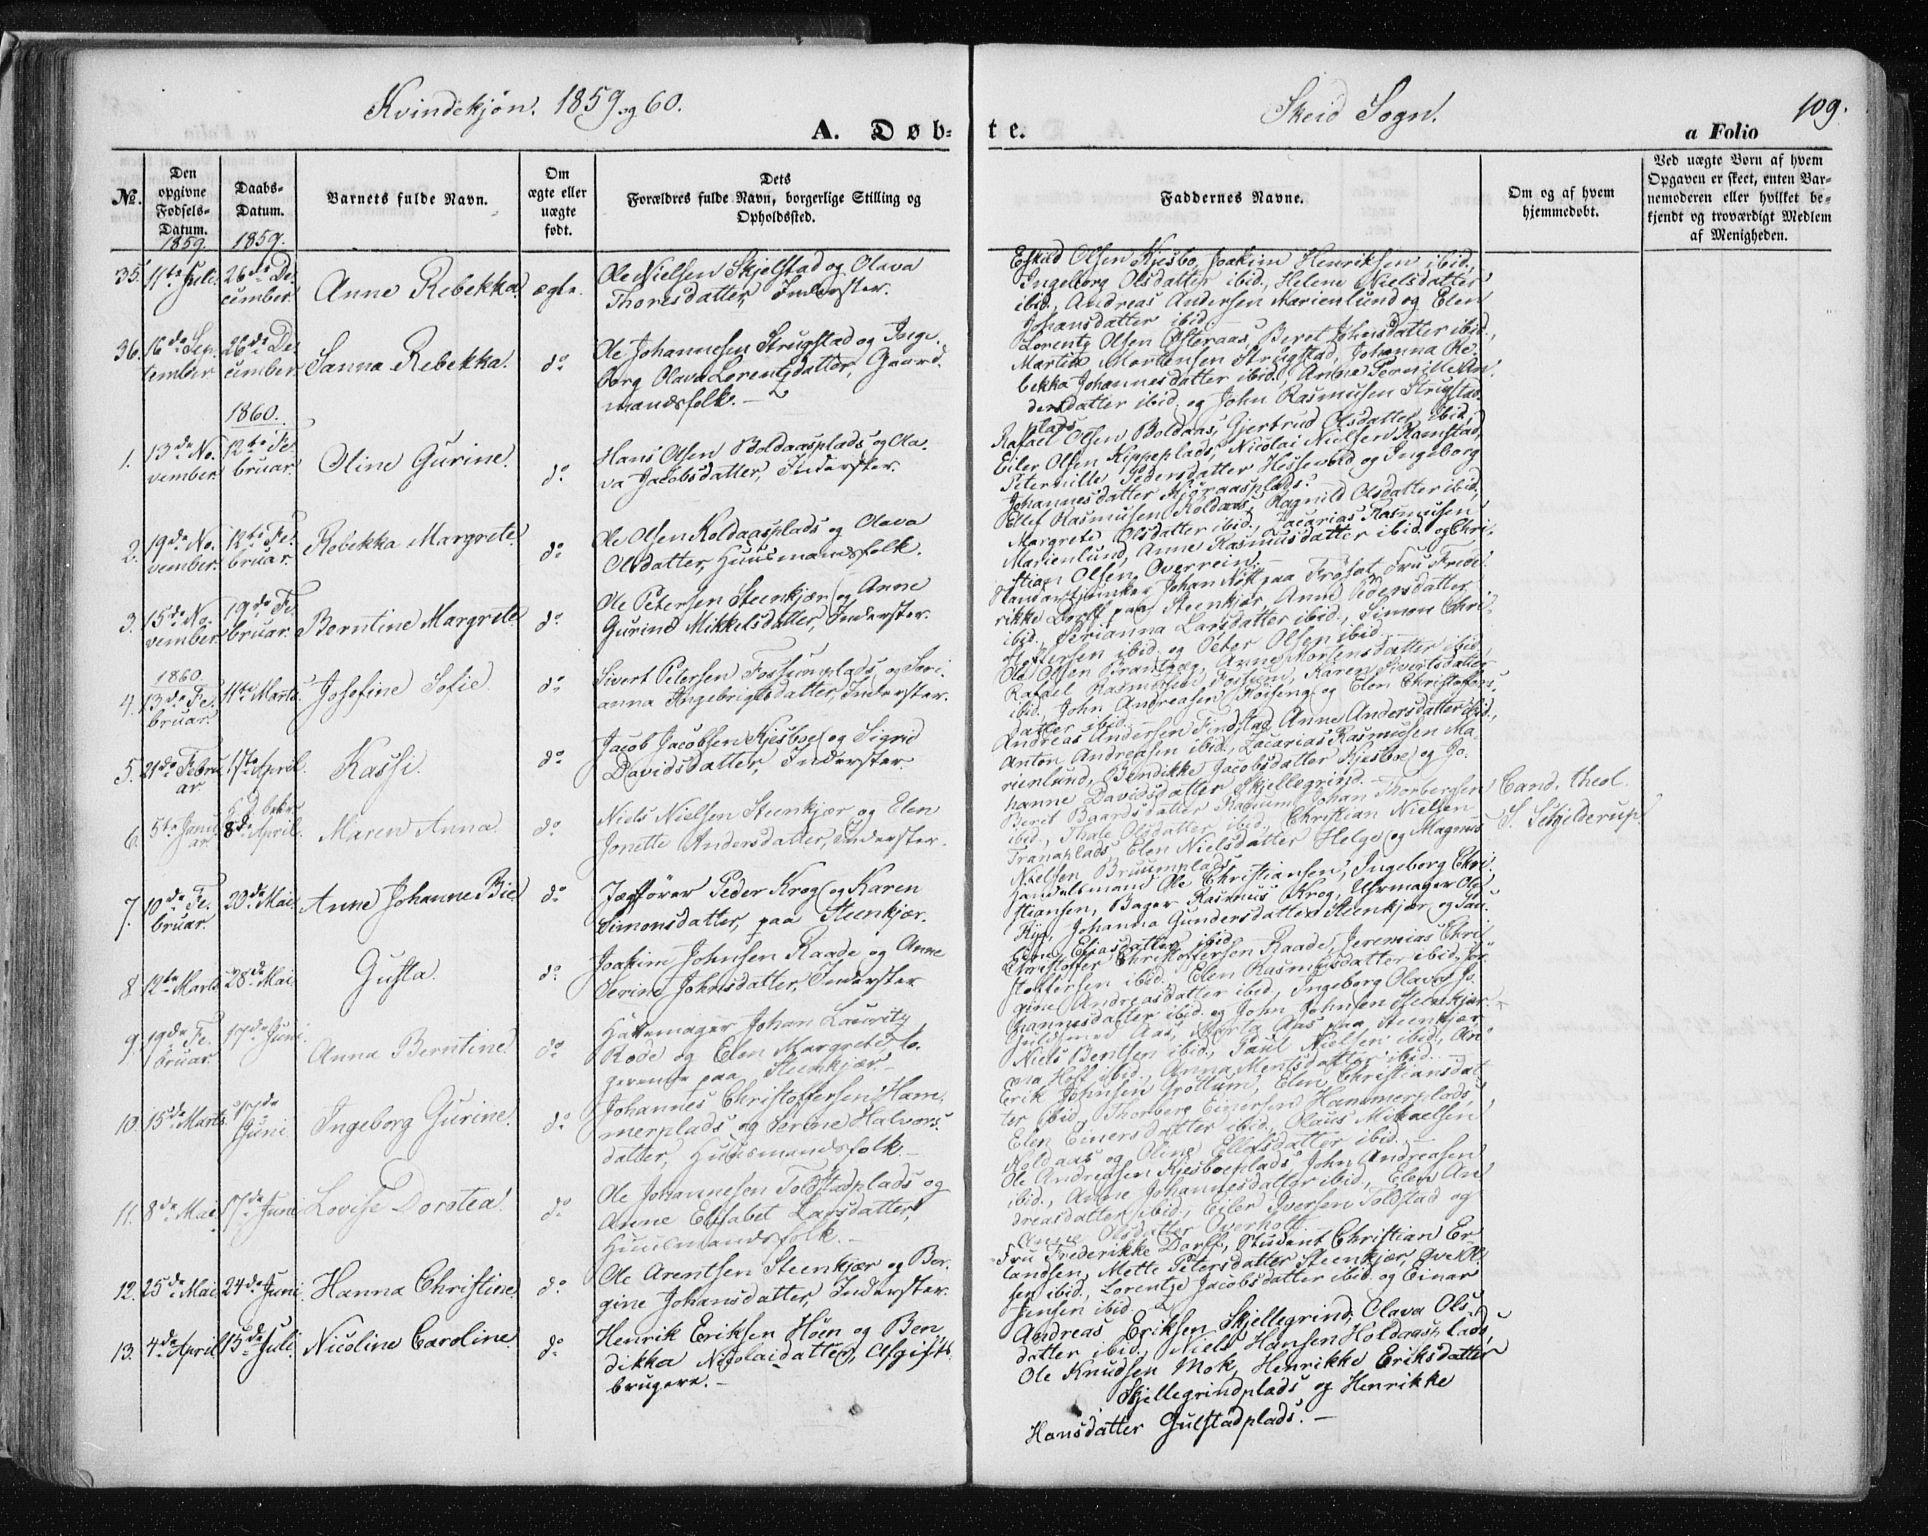 SAT, Ministerialprotokoller, klokkerbøker og fødselsregistre - Nord-Trøndelag, 735/L0342: Ministerialbok nr. 735A07 /2, 1849-1862, s. 109